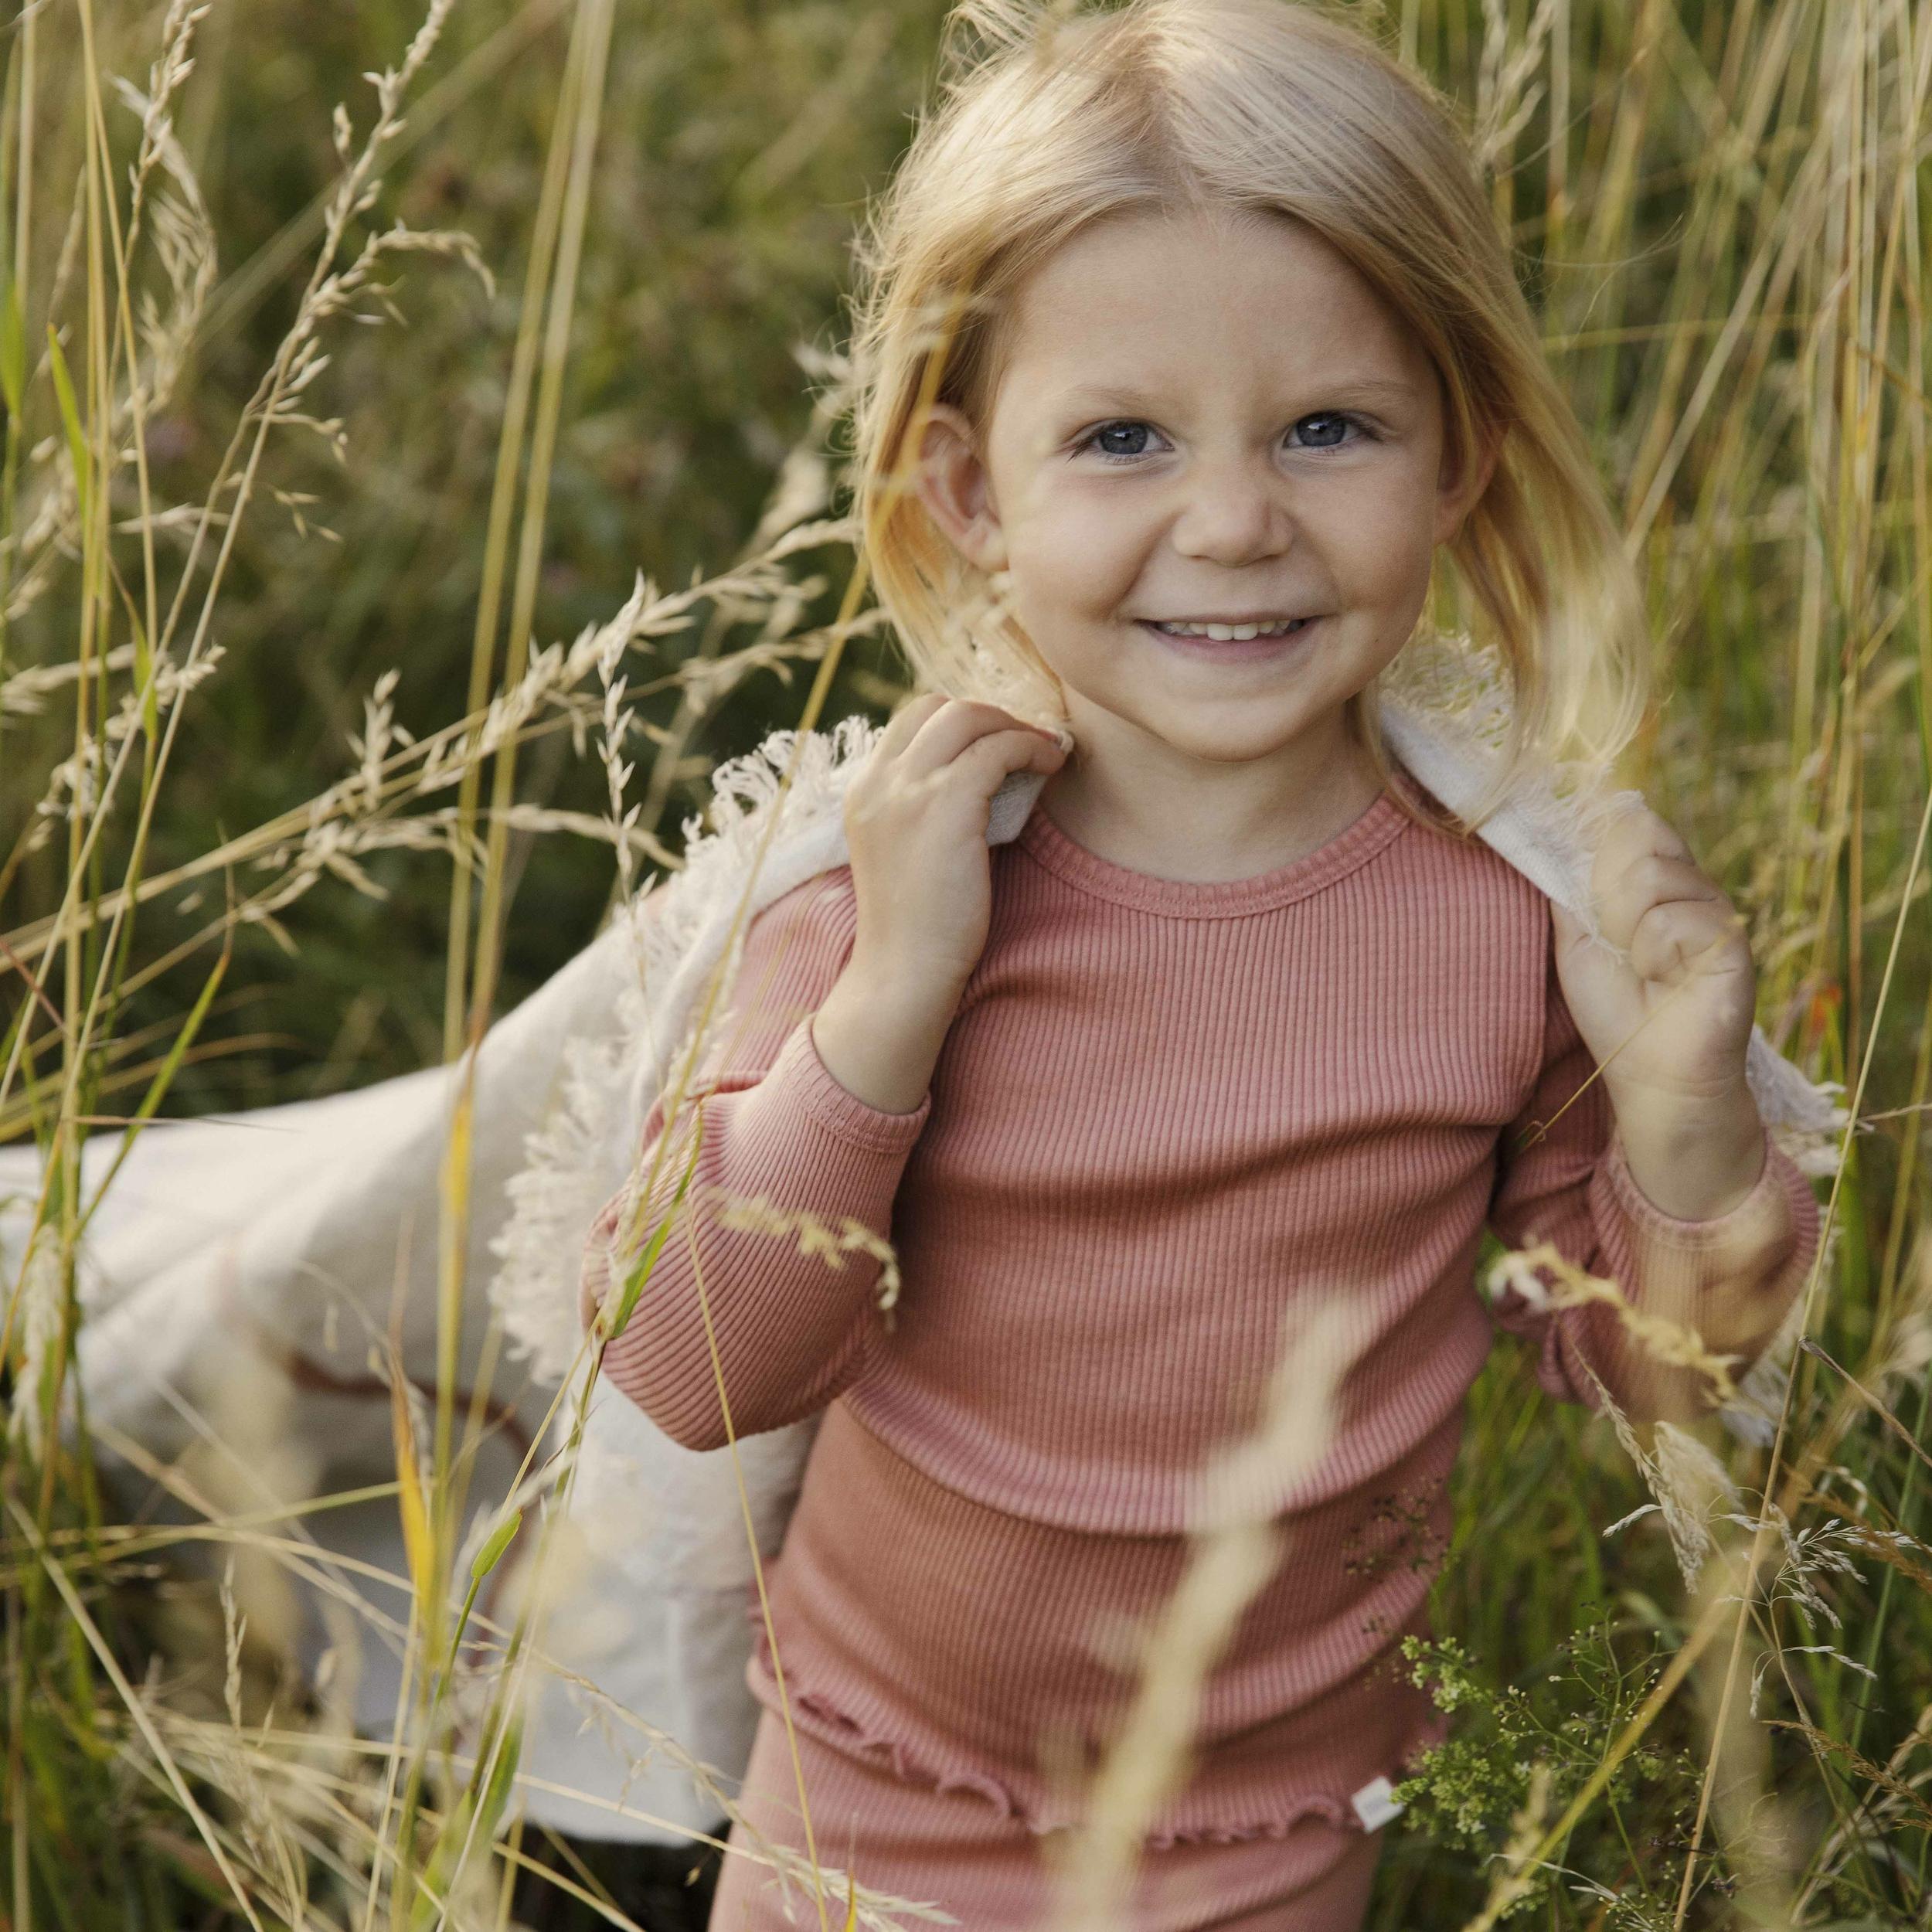 MINIMALISMA - T-shirt enfant - Soie 70%/coton 30% - Bergen - Tan